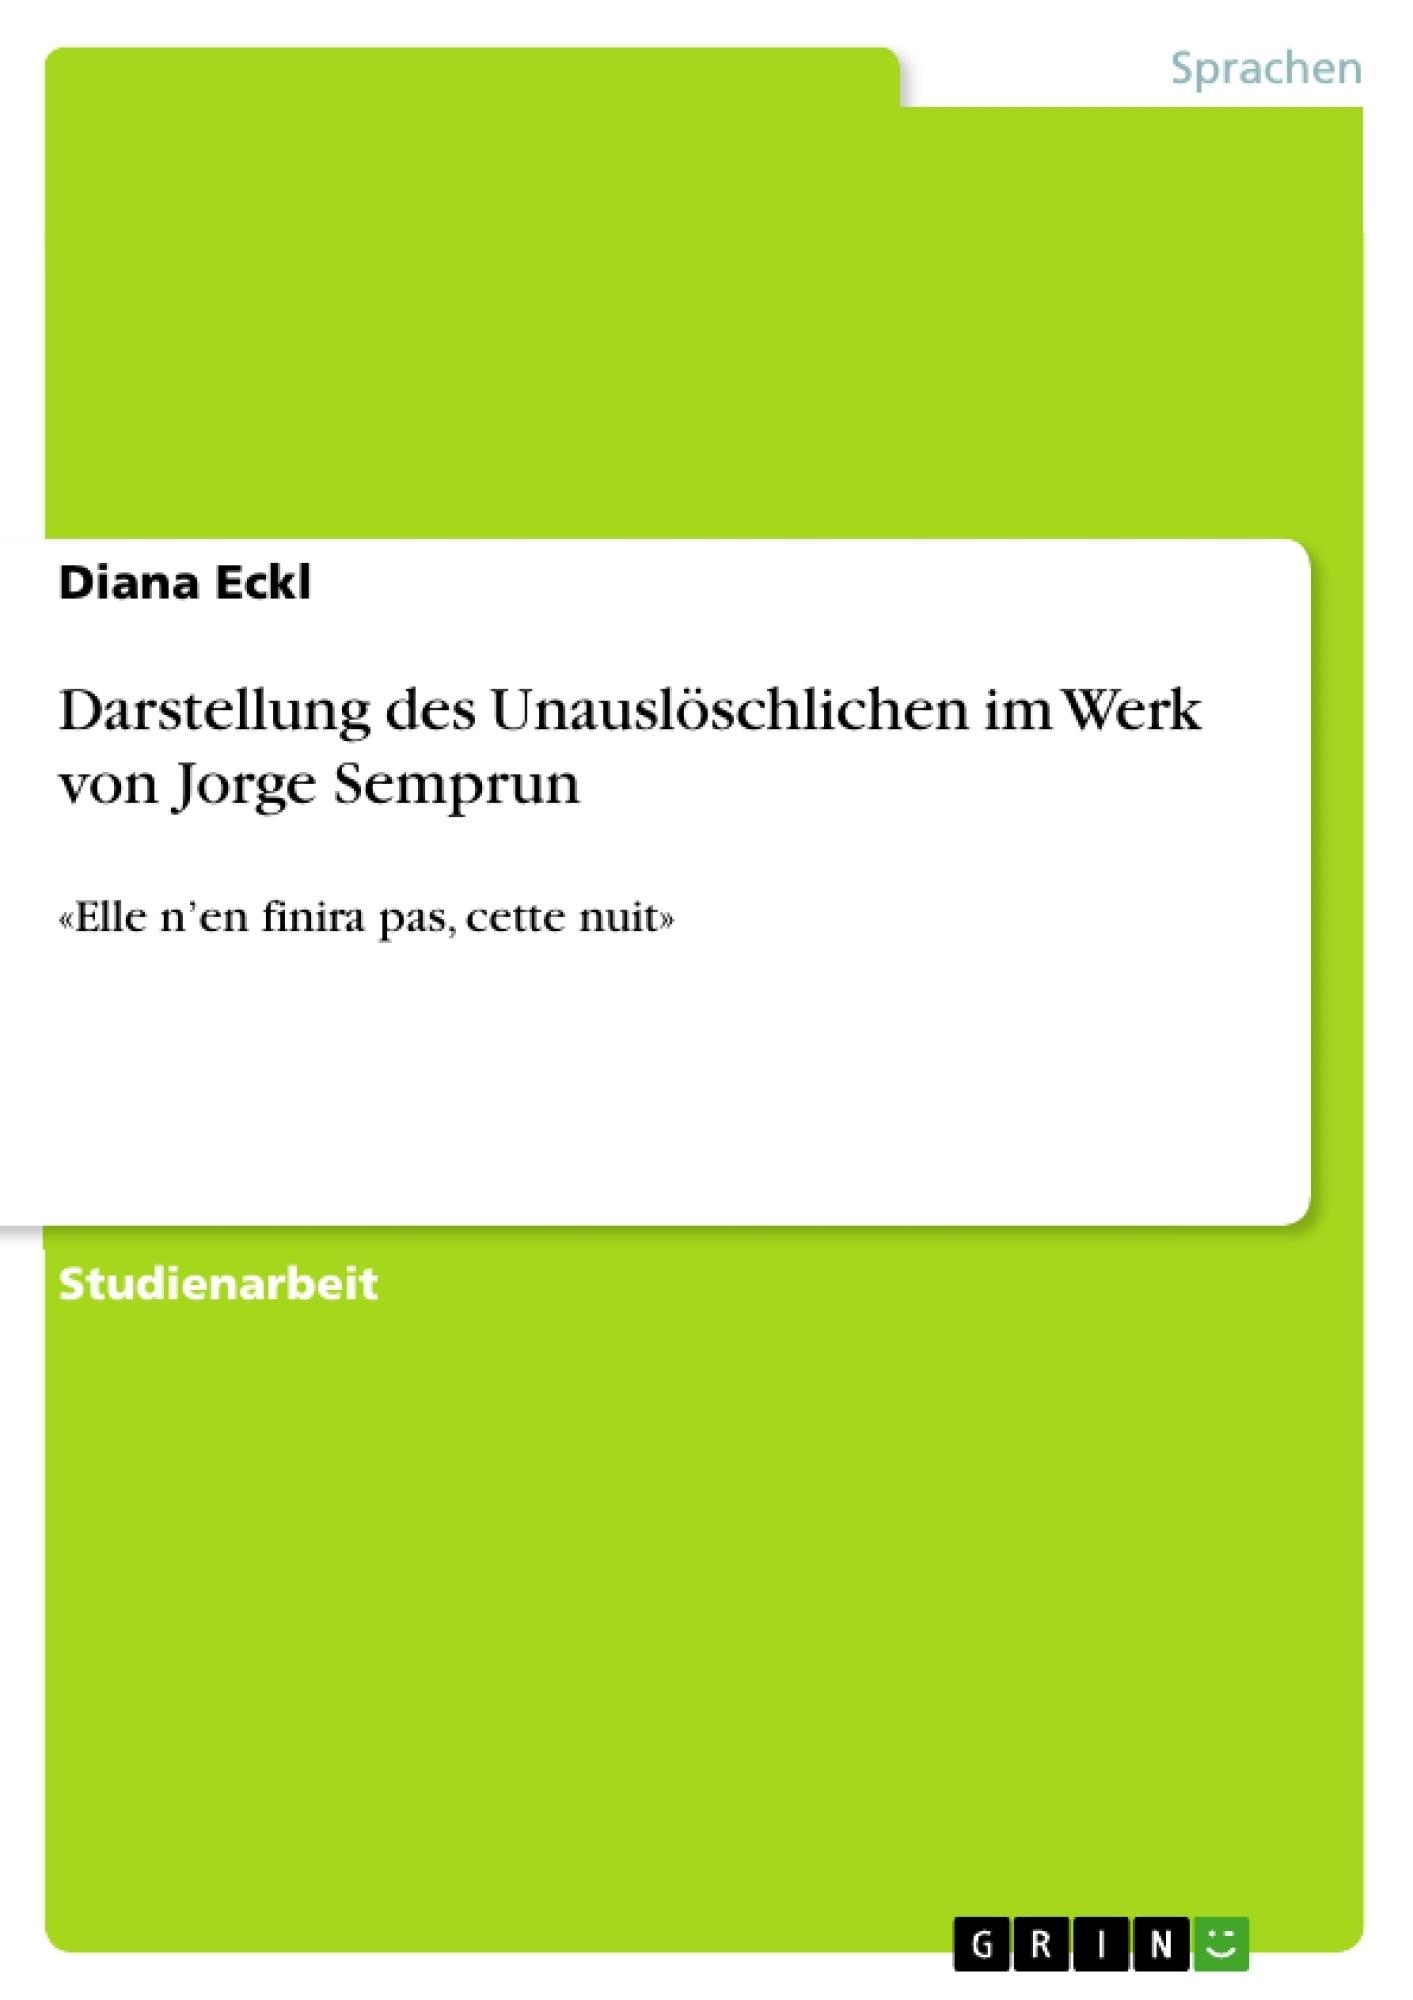 Titel: Darstellung des Unauslöschlichen im Werk von Jorge Semprun